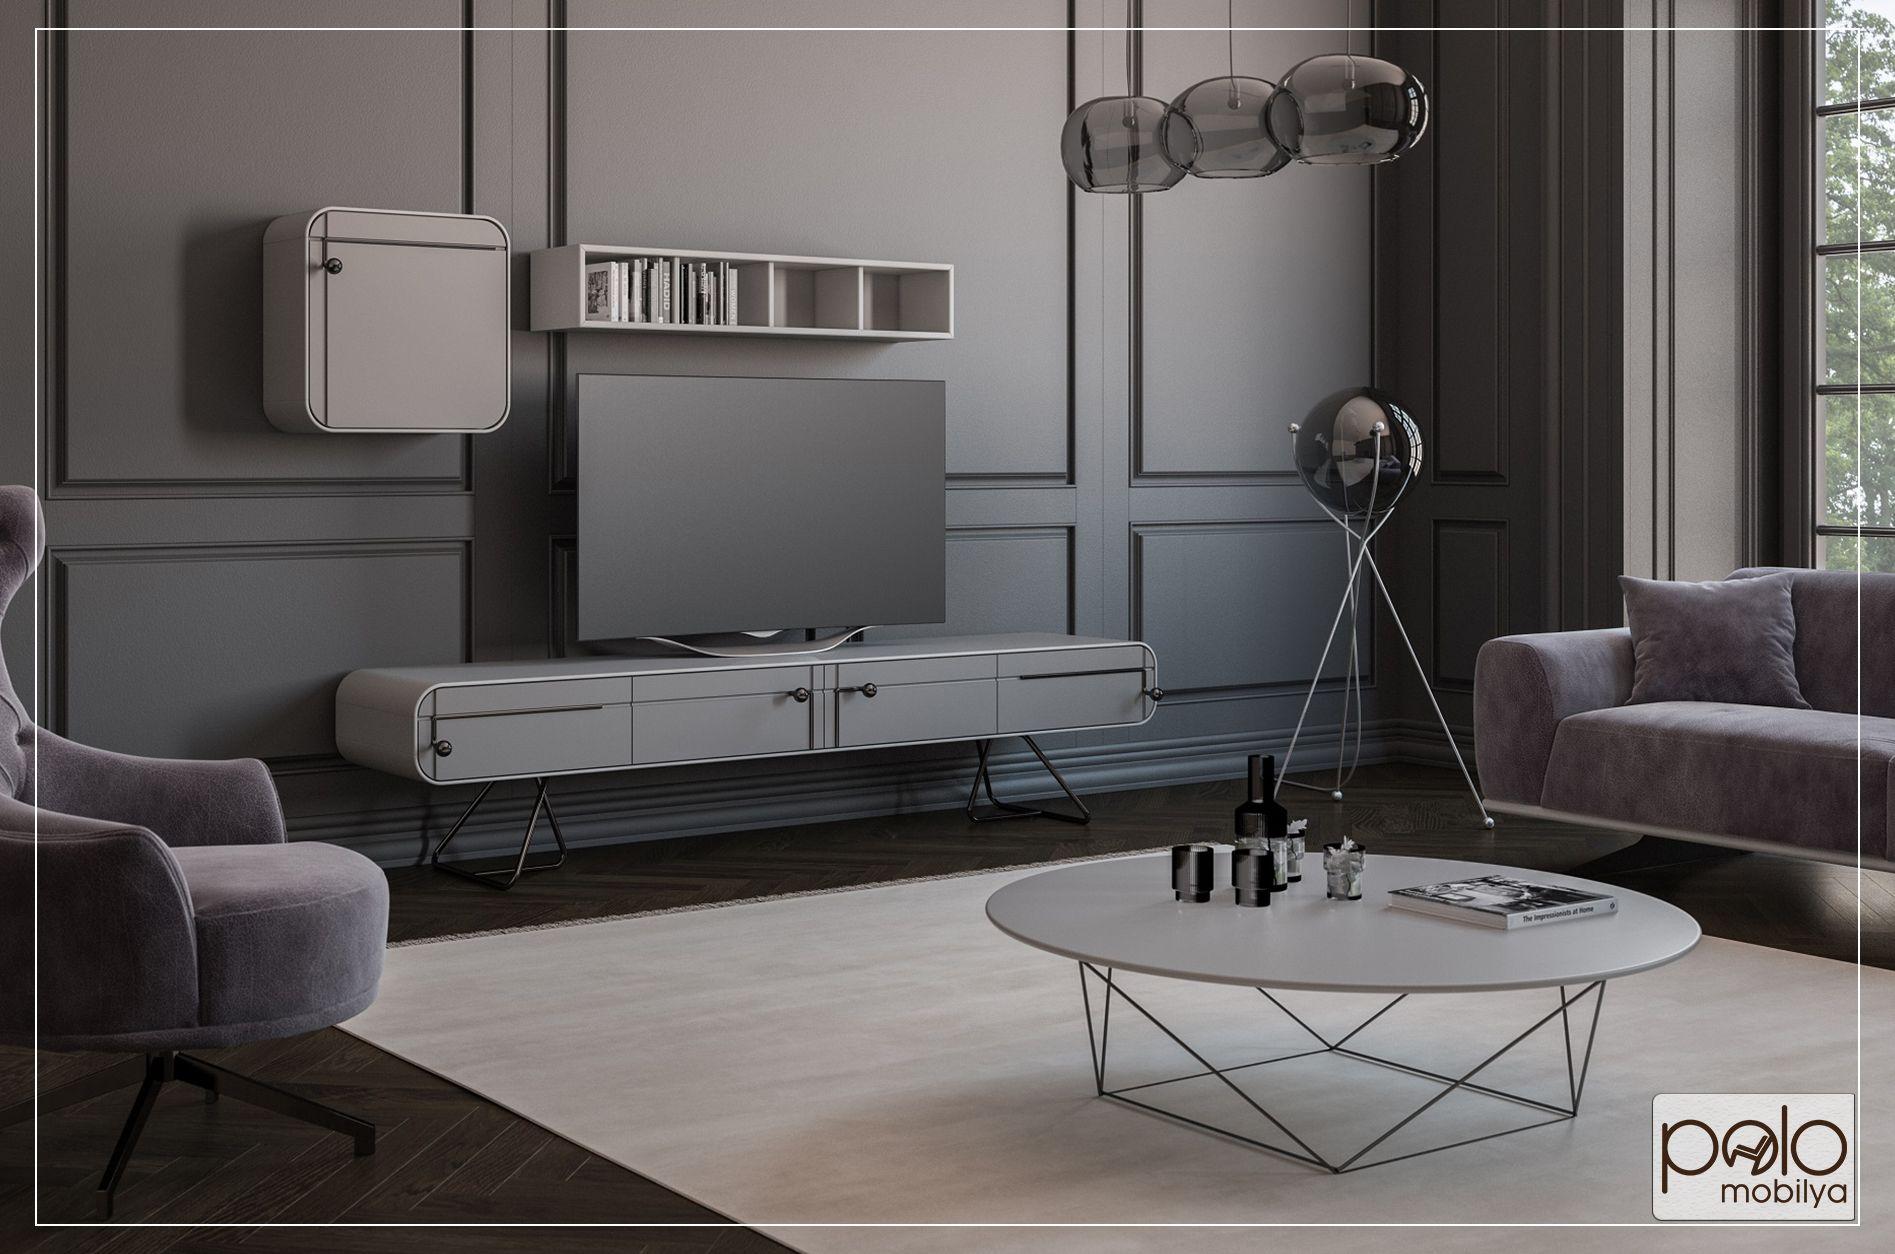 Evinizin tasarım mimarı Polo Mobilya ile tanışmaya hazır mısınız? . . . #polomobilya #polo #mobilya #masko #koltuktakımı #yemekodası #maskomobilyakenti #evdekorasyon #dekorasyonfikirleri #mobilyadekorasyon #luxuryfurniture #modernfurniture #furniture #decor #ofisdekorasyon #evdekor #projects #köşekoltuk #tvunited #koltuktakımları #yemekodası #yatakodası #interiordesign